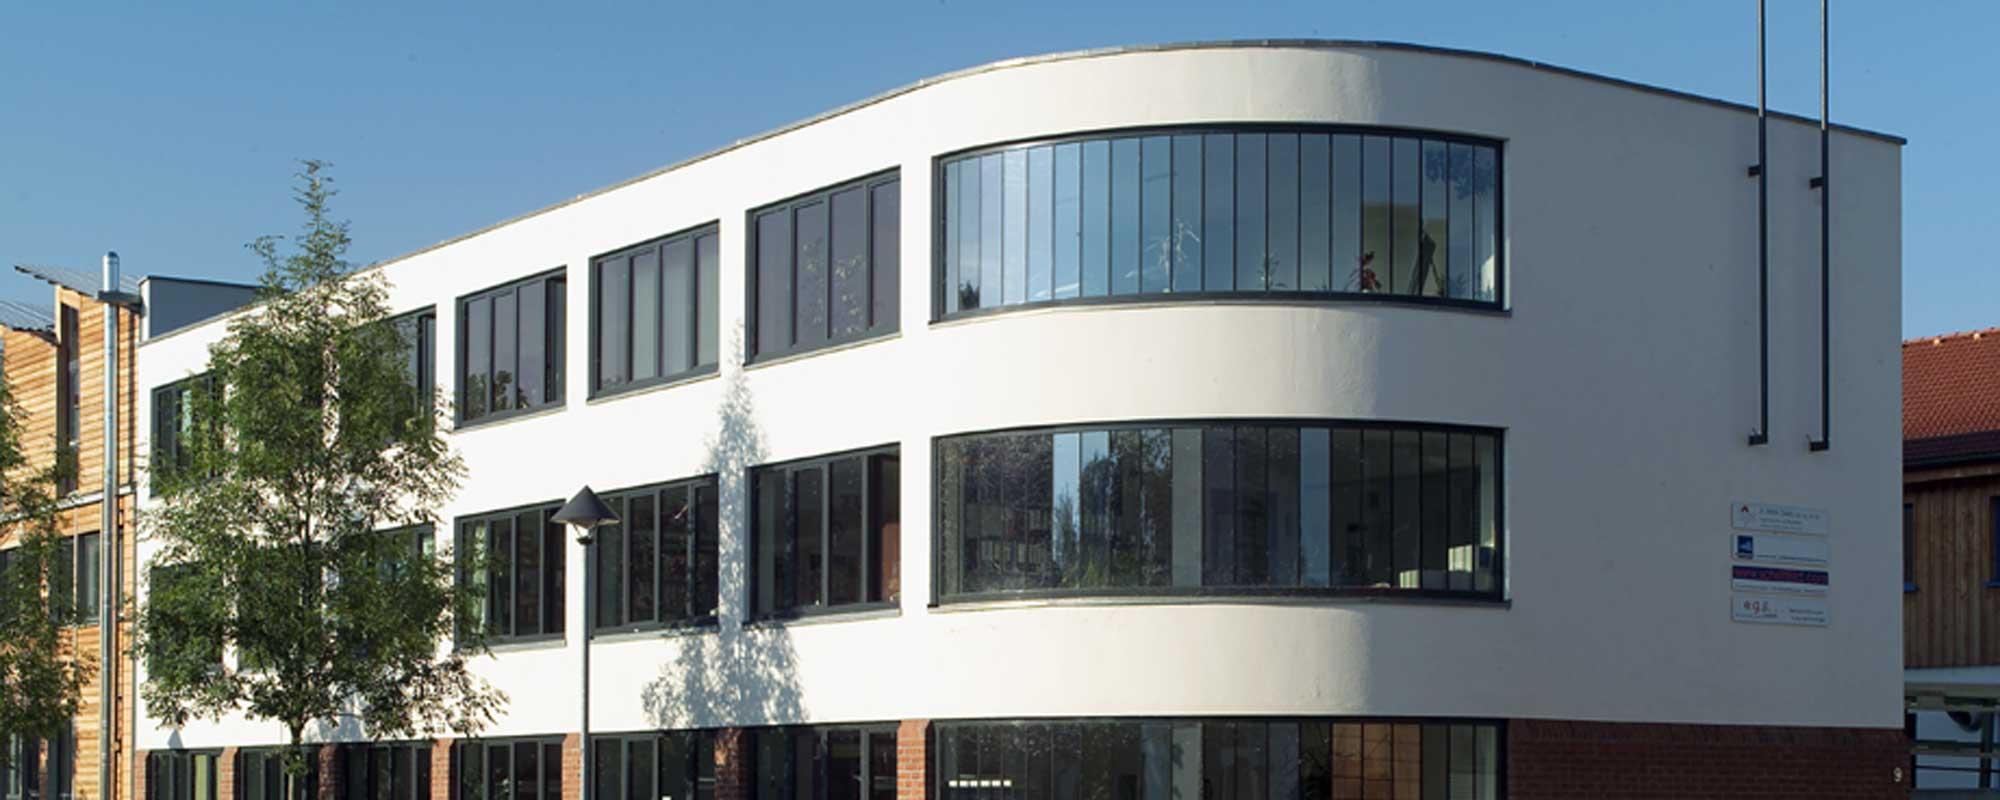 Deltaplan - Startseite - Gebäude